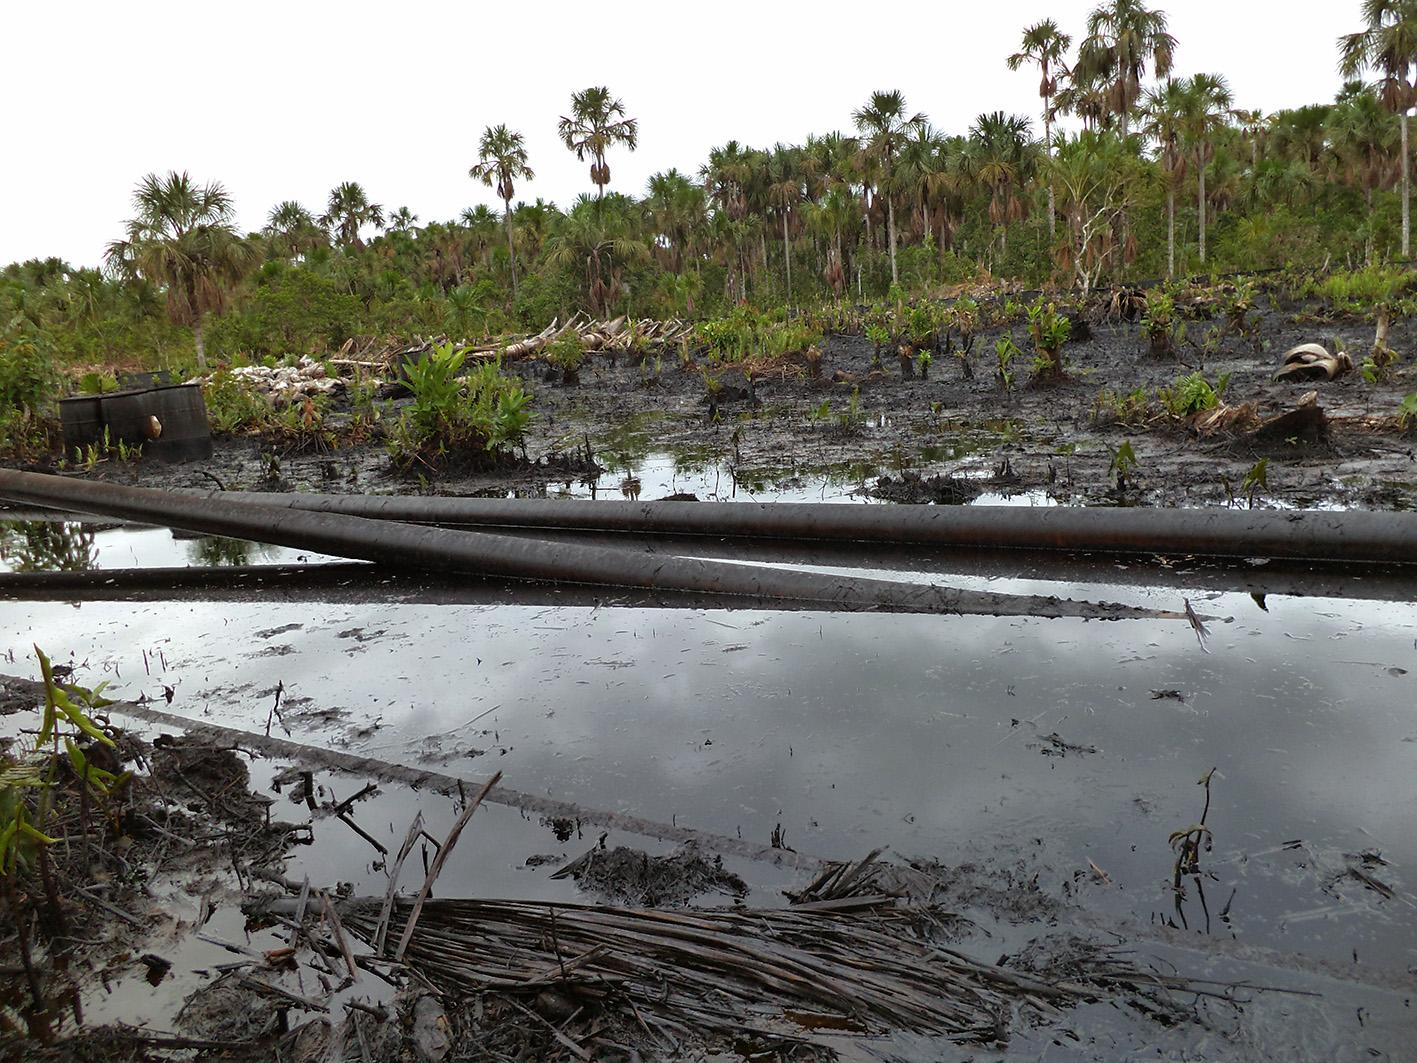 Vista del curso del oleoducto en la zona de derrame en zona del oleoducto, 4 de diciembre de 2013. Foto proporcionada por Acodecospat.